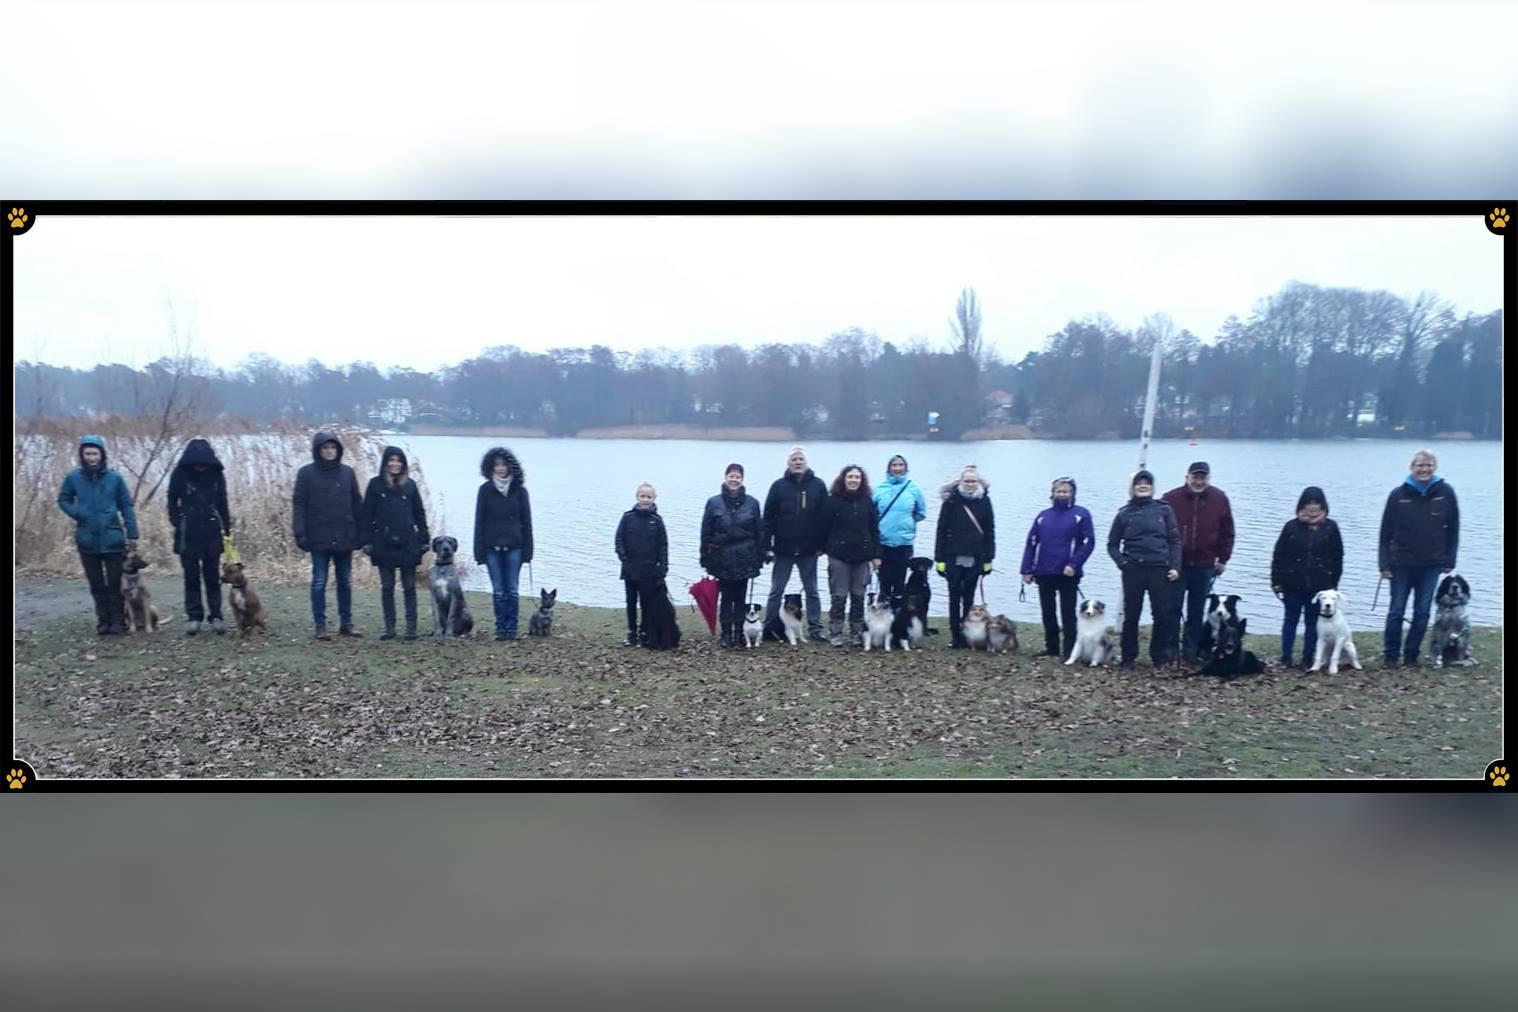 JoBaDog Alltagstraining in Oranienburg am Lehnitzsee - Im Wald darf der Hund Hund sein. Nicht ganz richtig. Auch hier muss er sich trotz aller Ablenkungen konzentrieren können. 💪🏻Deshalb stand heut das Alltagstraining unter dem Motto: Ist die Verführung noch so groß - mein Band zu Herrchen oder Frauchen ist grösser. 💛Es galt andere Hunde zu ignorieren, Radfahrer und Jogger ziehen zu lassen und Duftmarken & Spuren keine Beachtung zu schenken. Durch kleine Übungen mit und ohne Leine hatten Zwei - und Vierpfötler sogar Spass dabei. 🤗